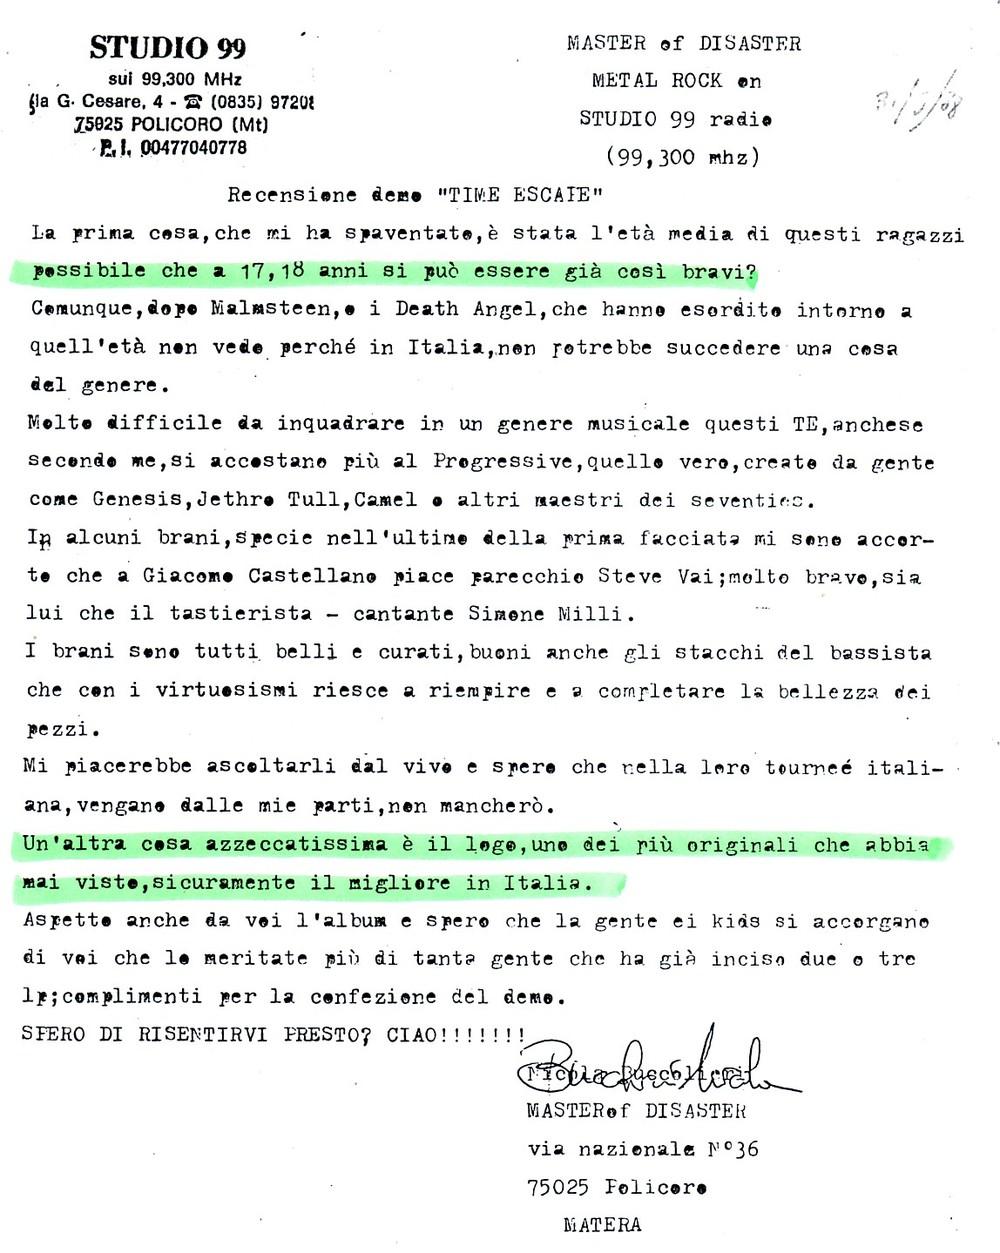 RADIO STUDIO 99 (ITALY) - 1988